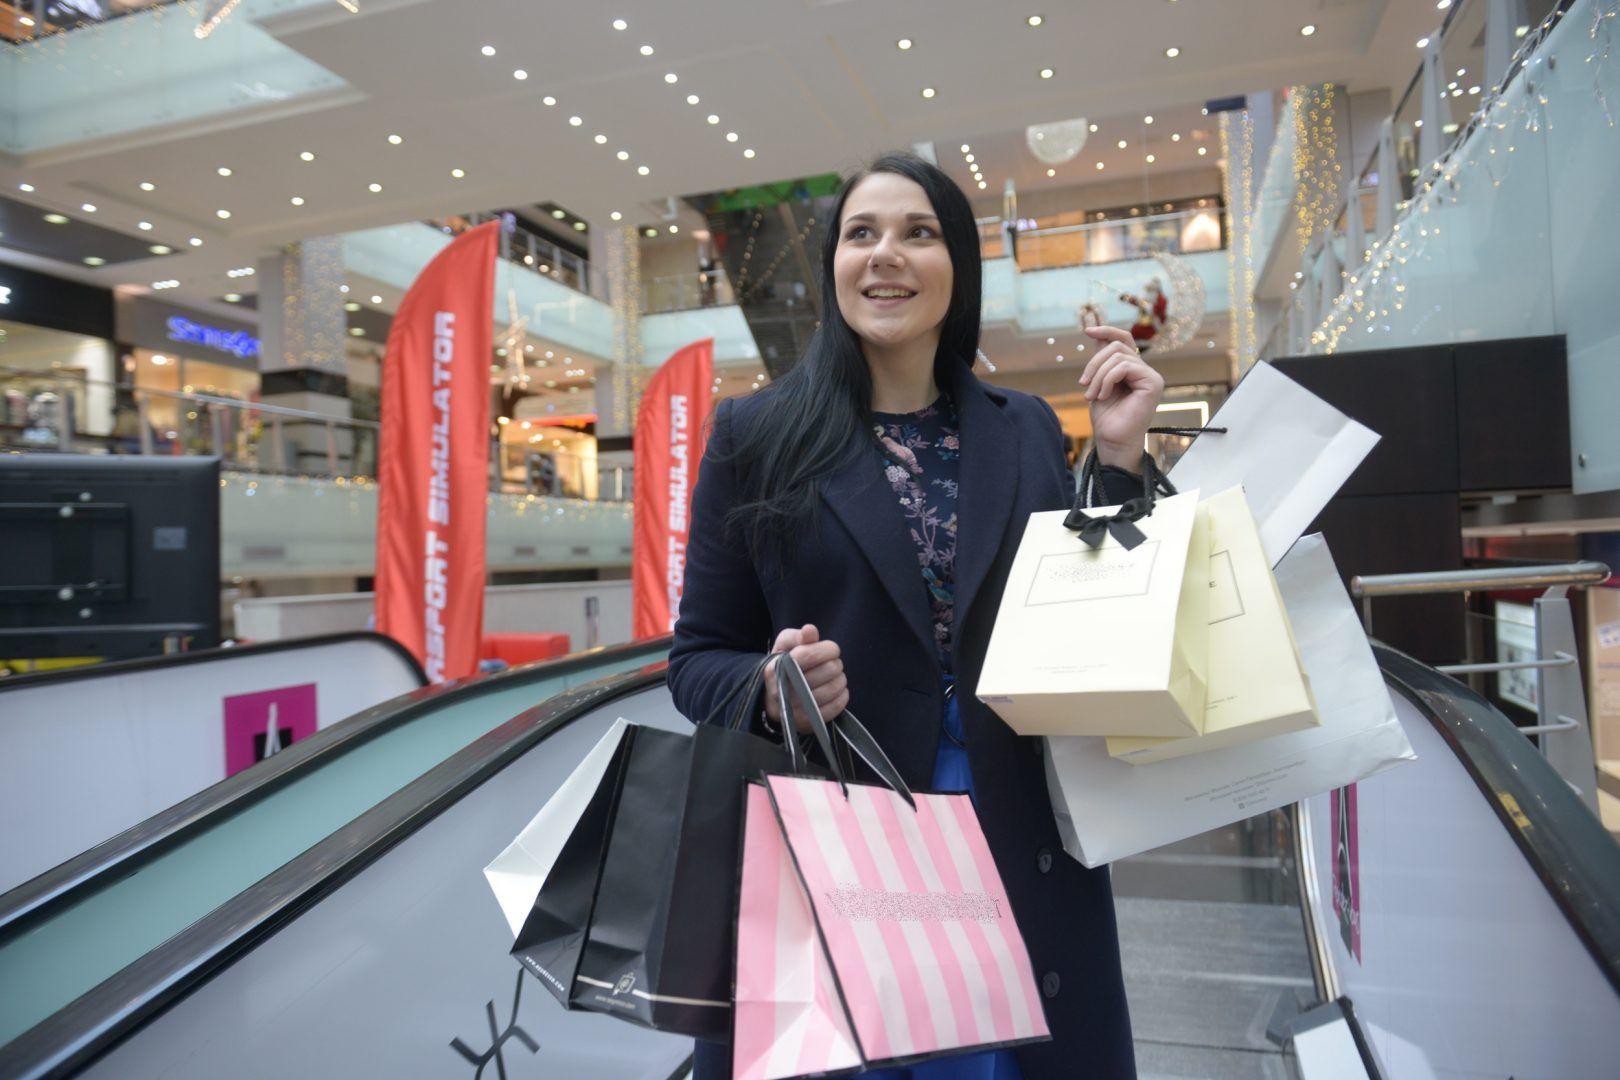 Торговый центр в ТиНАО откроют в начале 2020 года. Фото: Наталья Феоктистова, «ВечерняяМосква»